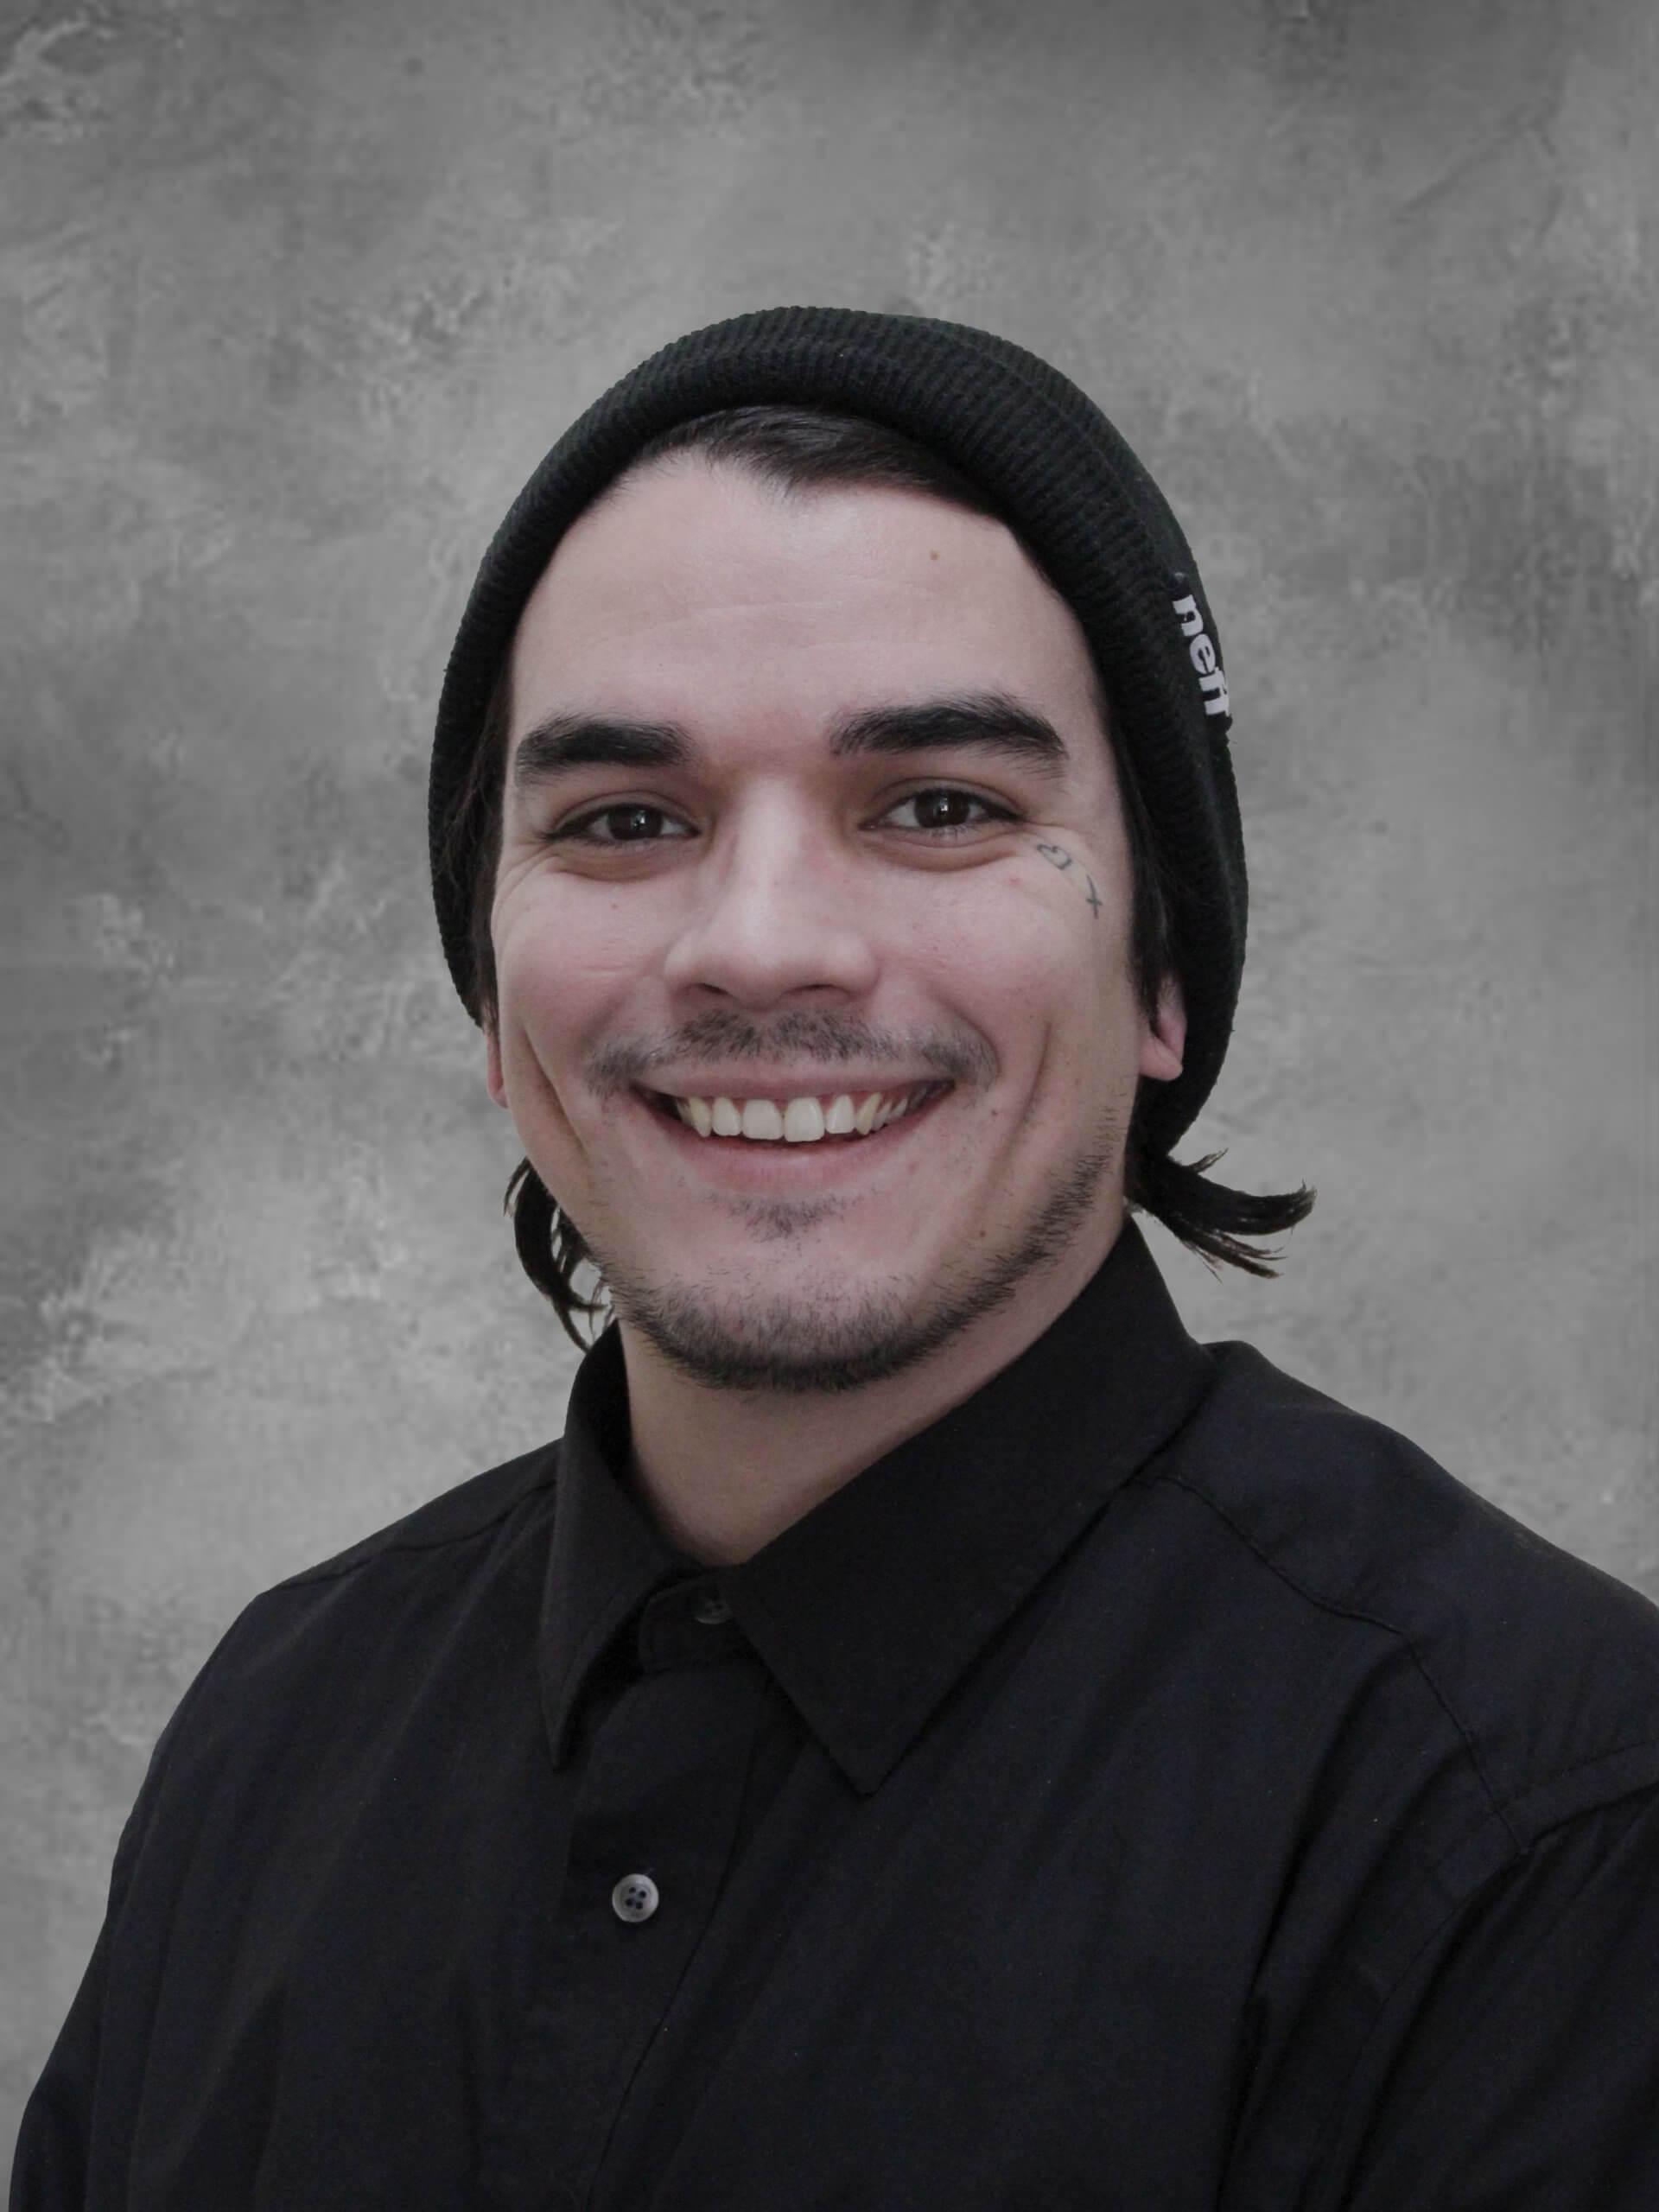 Ryan Anthony Patrick